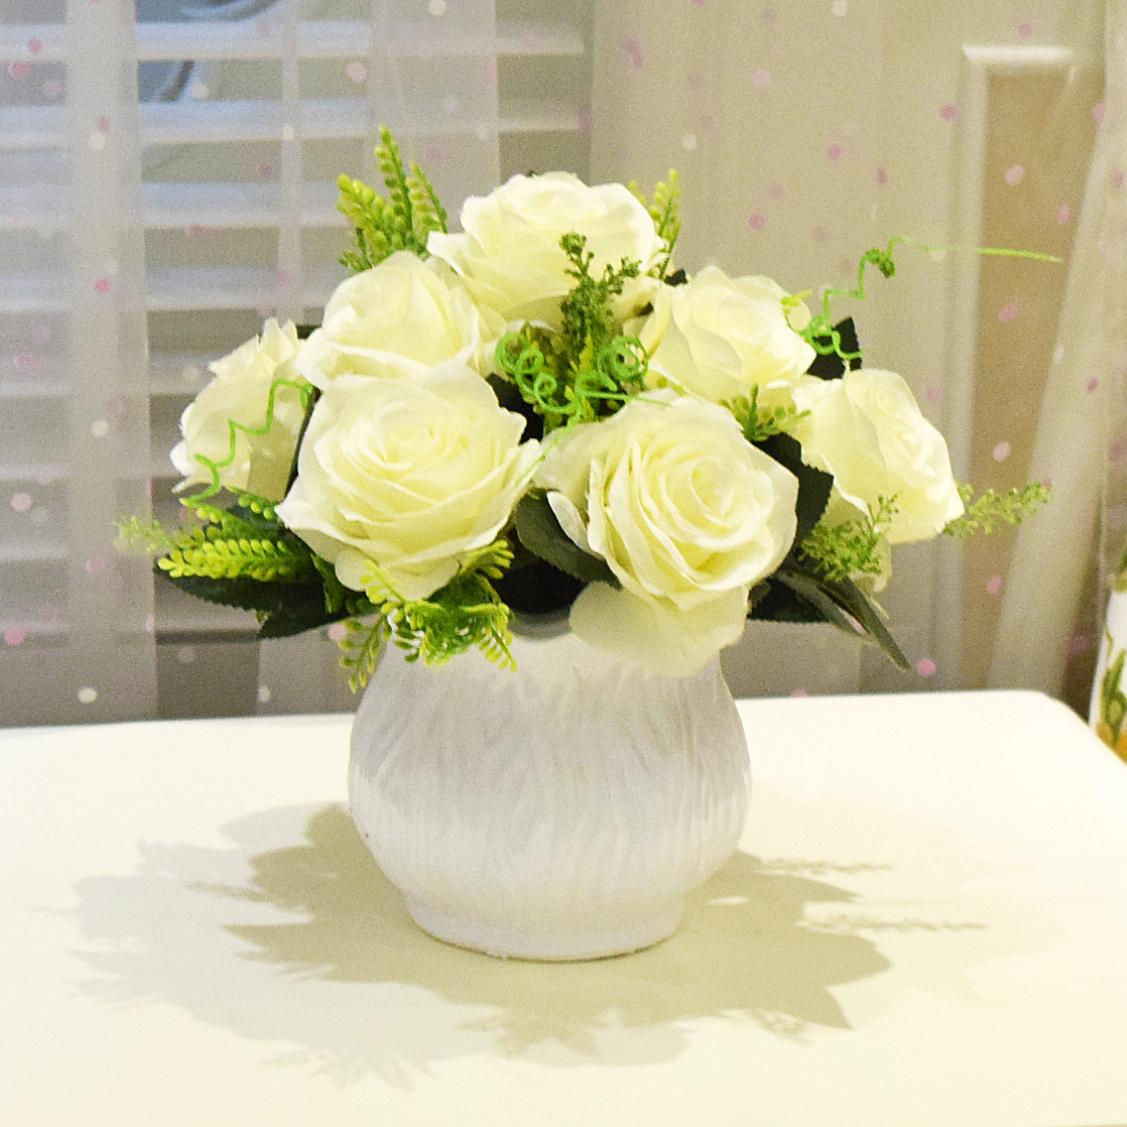 China Silk Roses China Silk Roses Shopping Guide At Alibaba